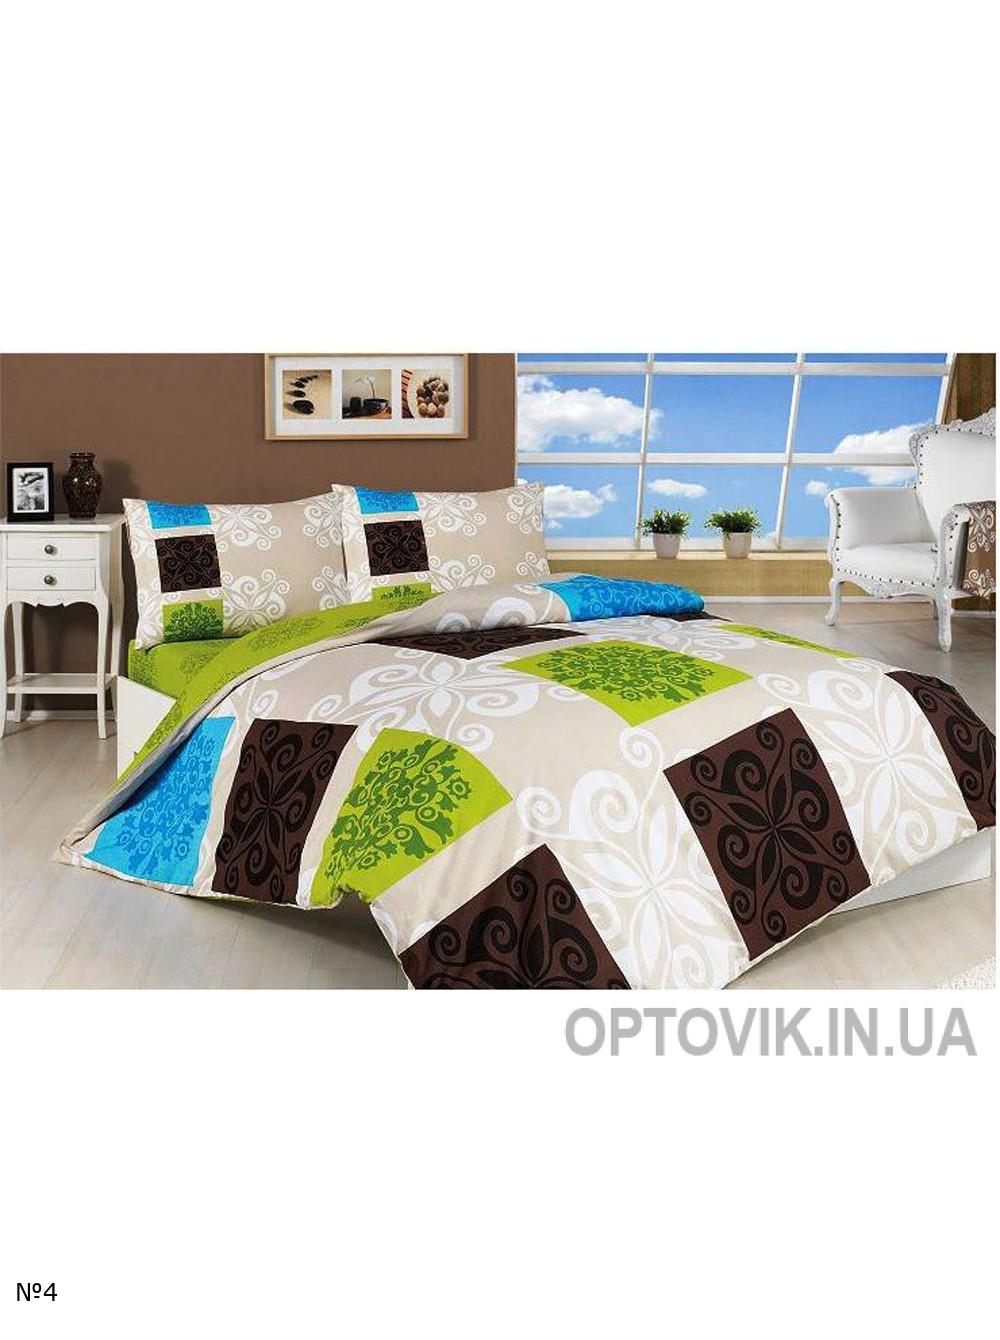 Комплект постельного белья Majoli Ranfors №10264